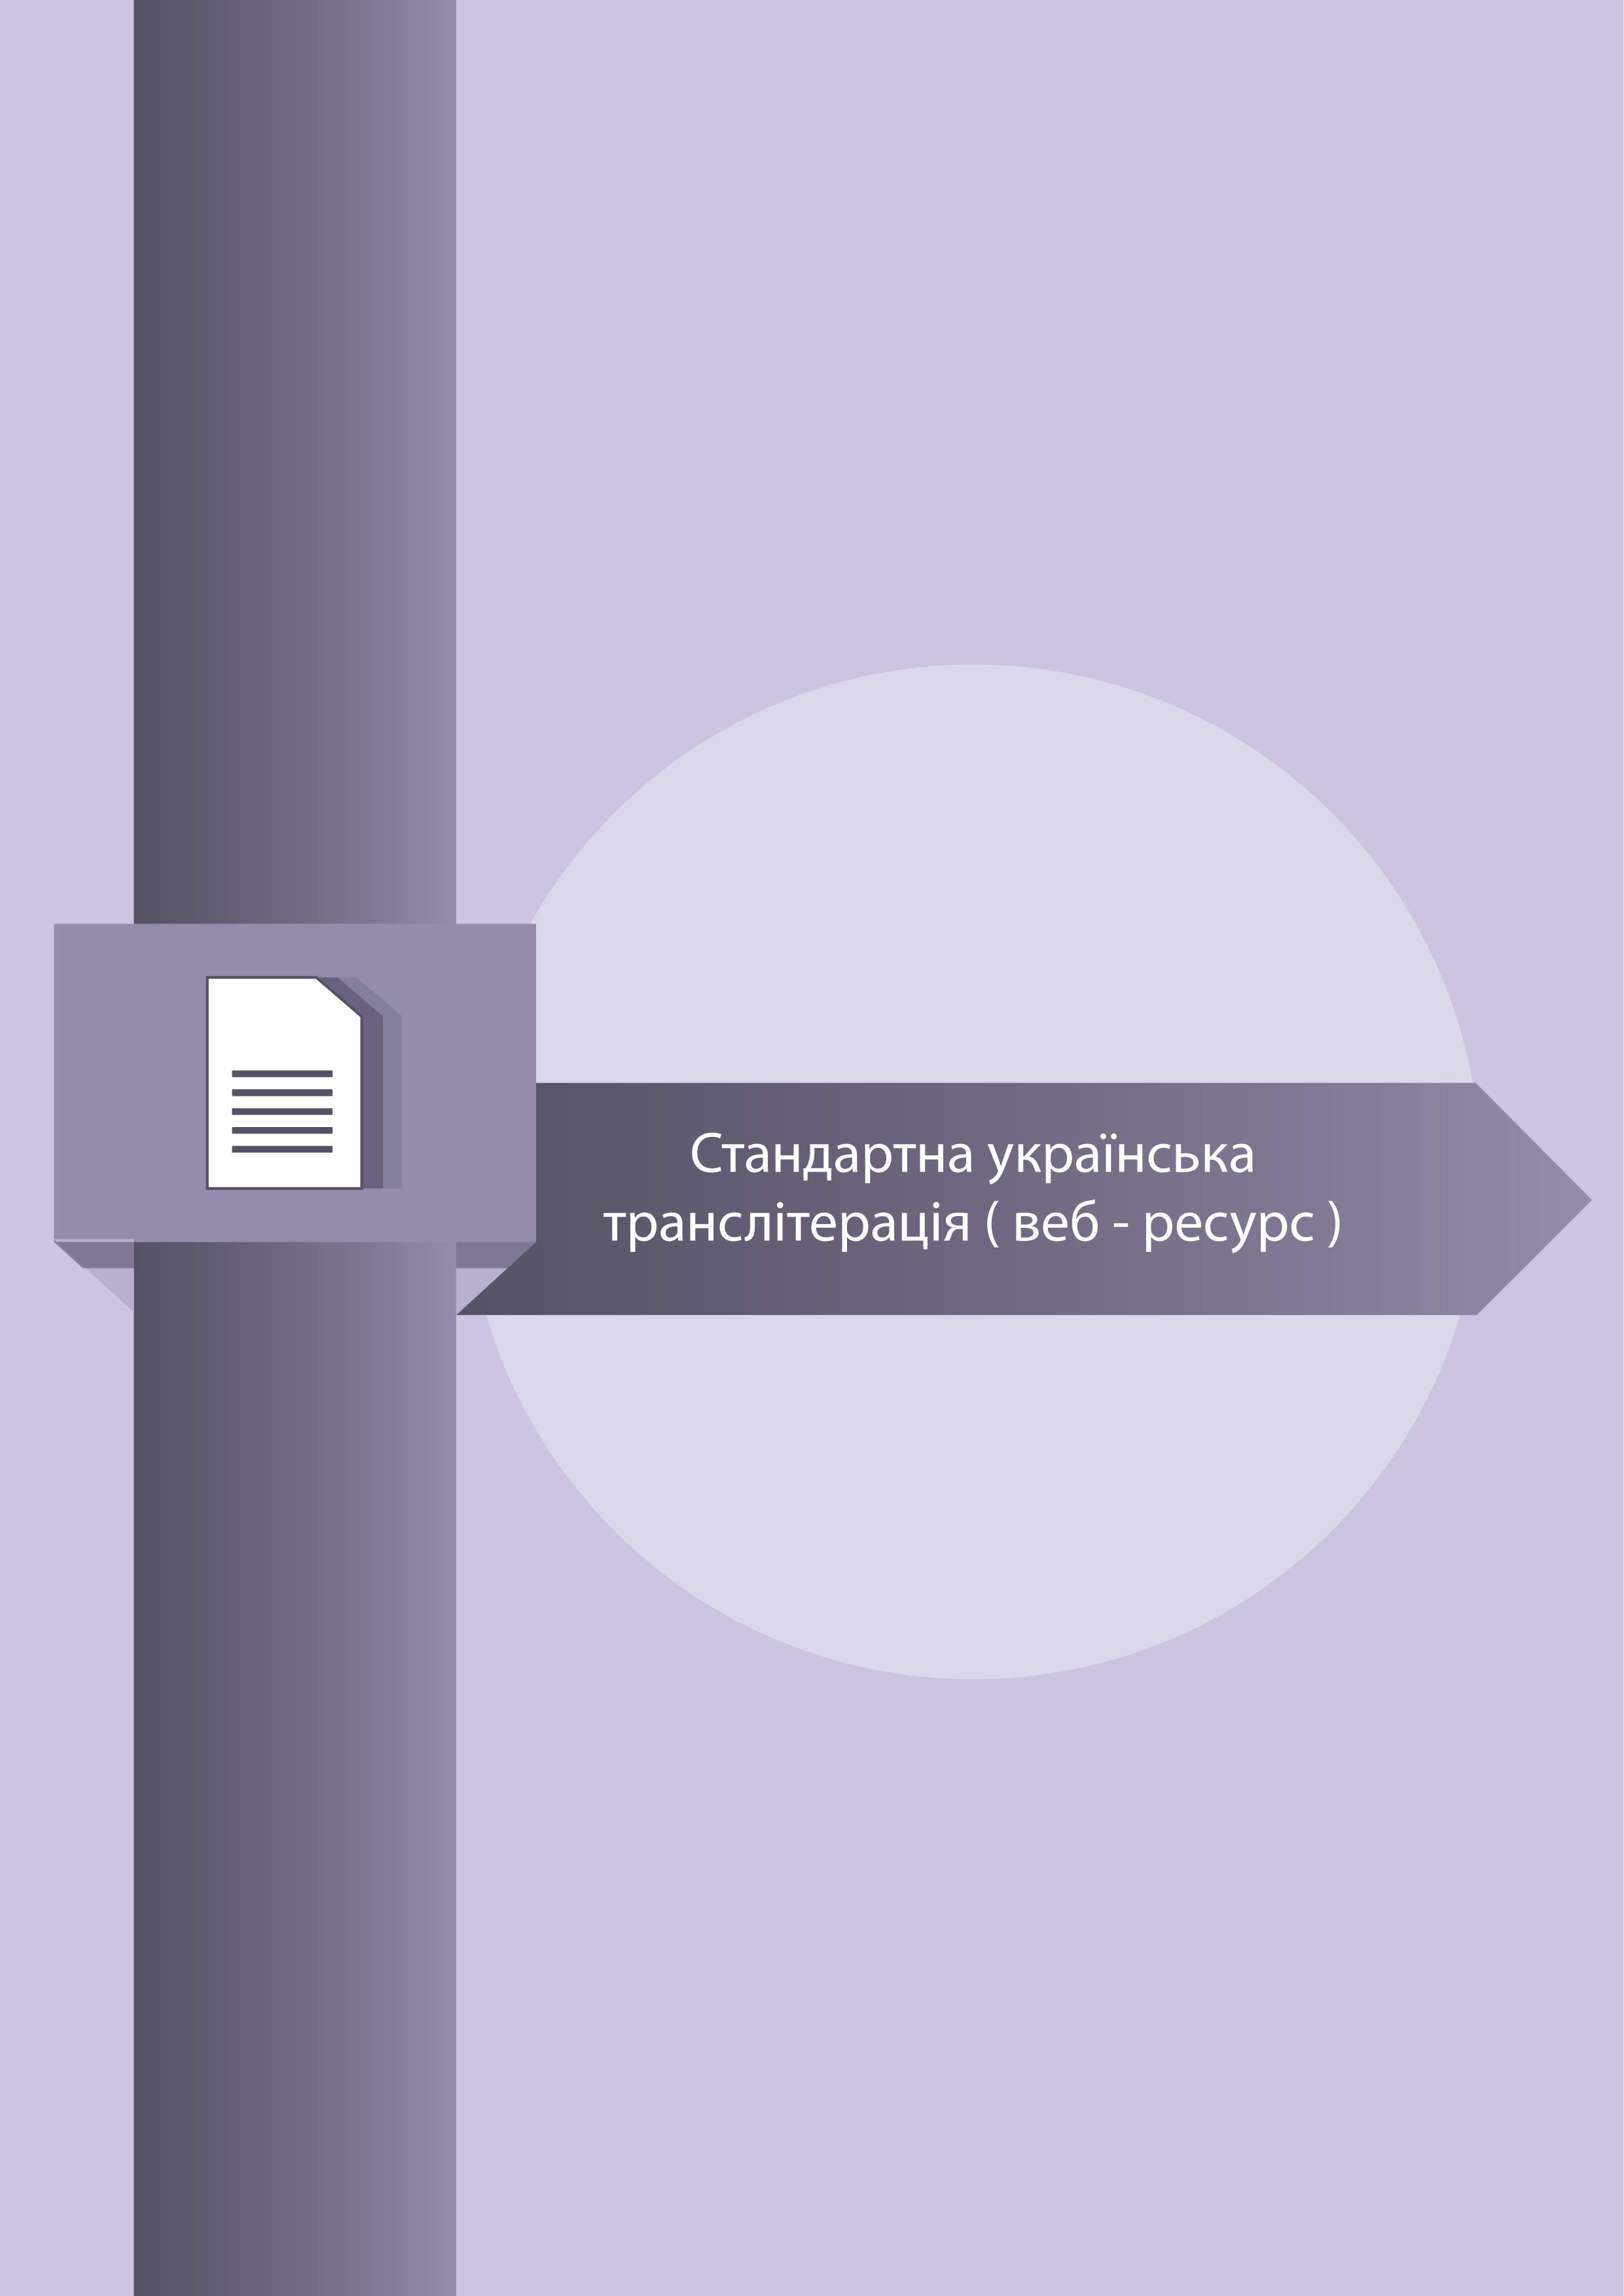 українська транслітерація